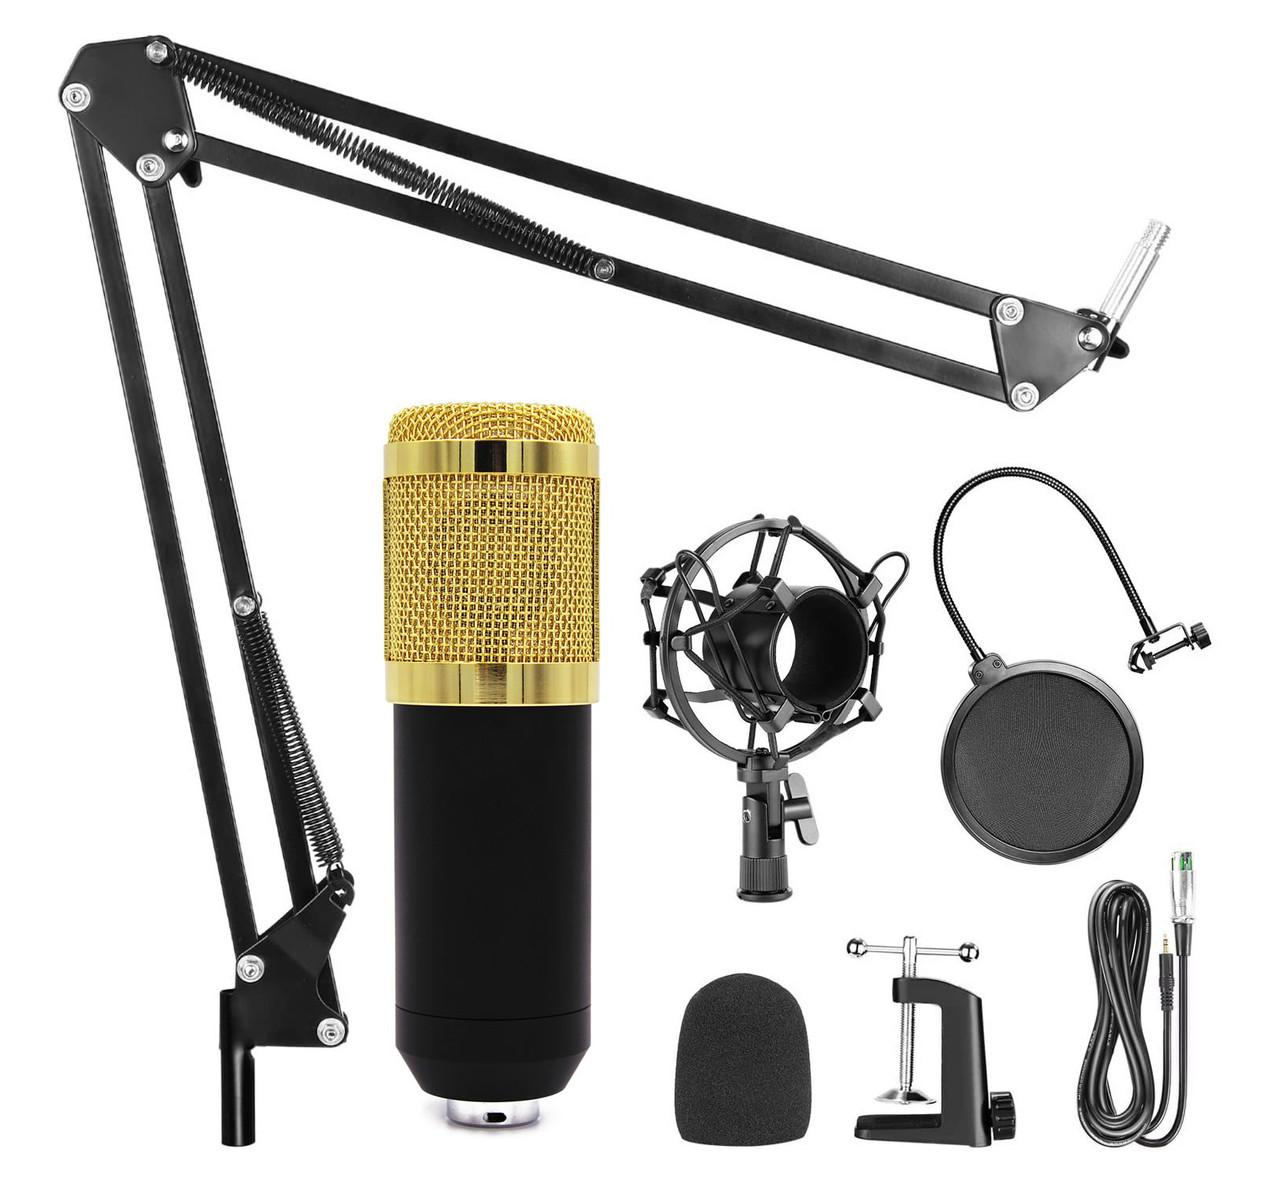 Студийный микрофон для блогеров M 800 V8 BT, микрофон для стрима, подкаста | студійний мікрофон (ST)